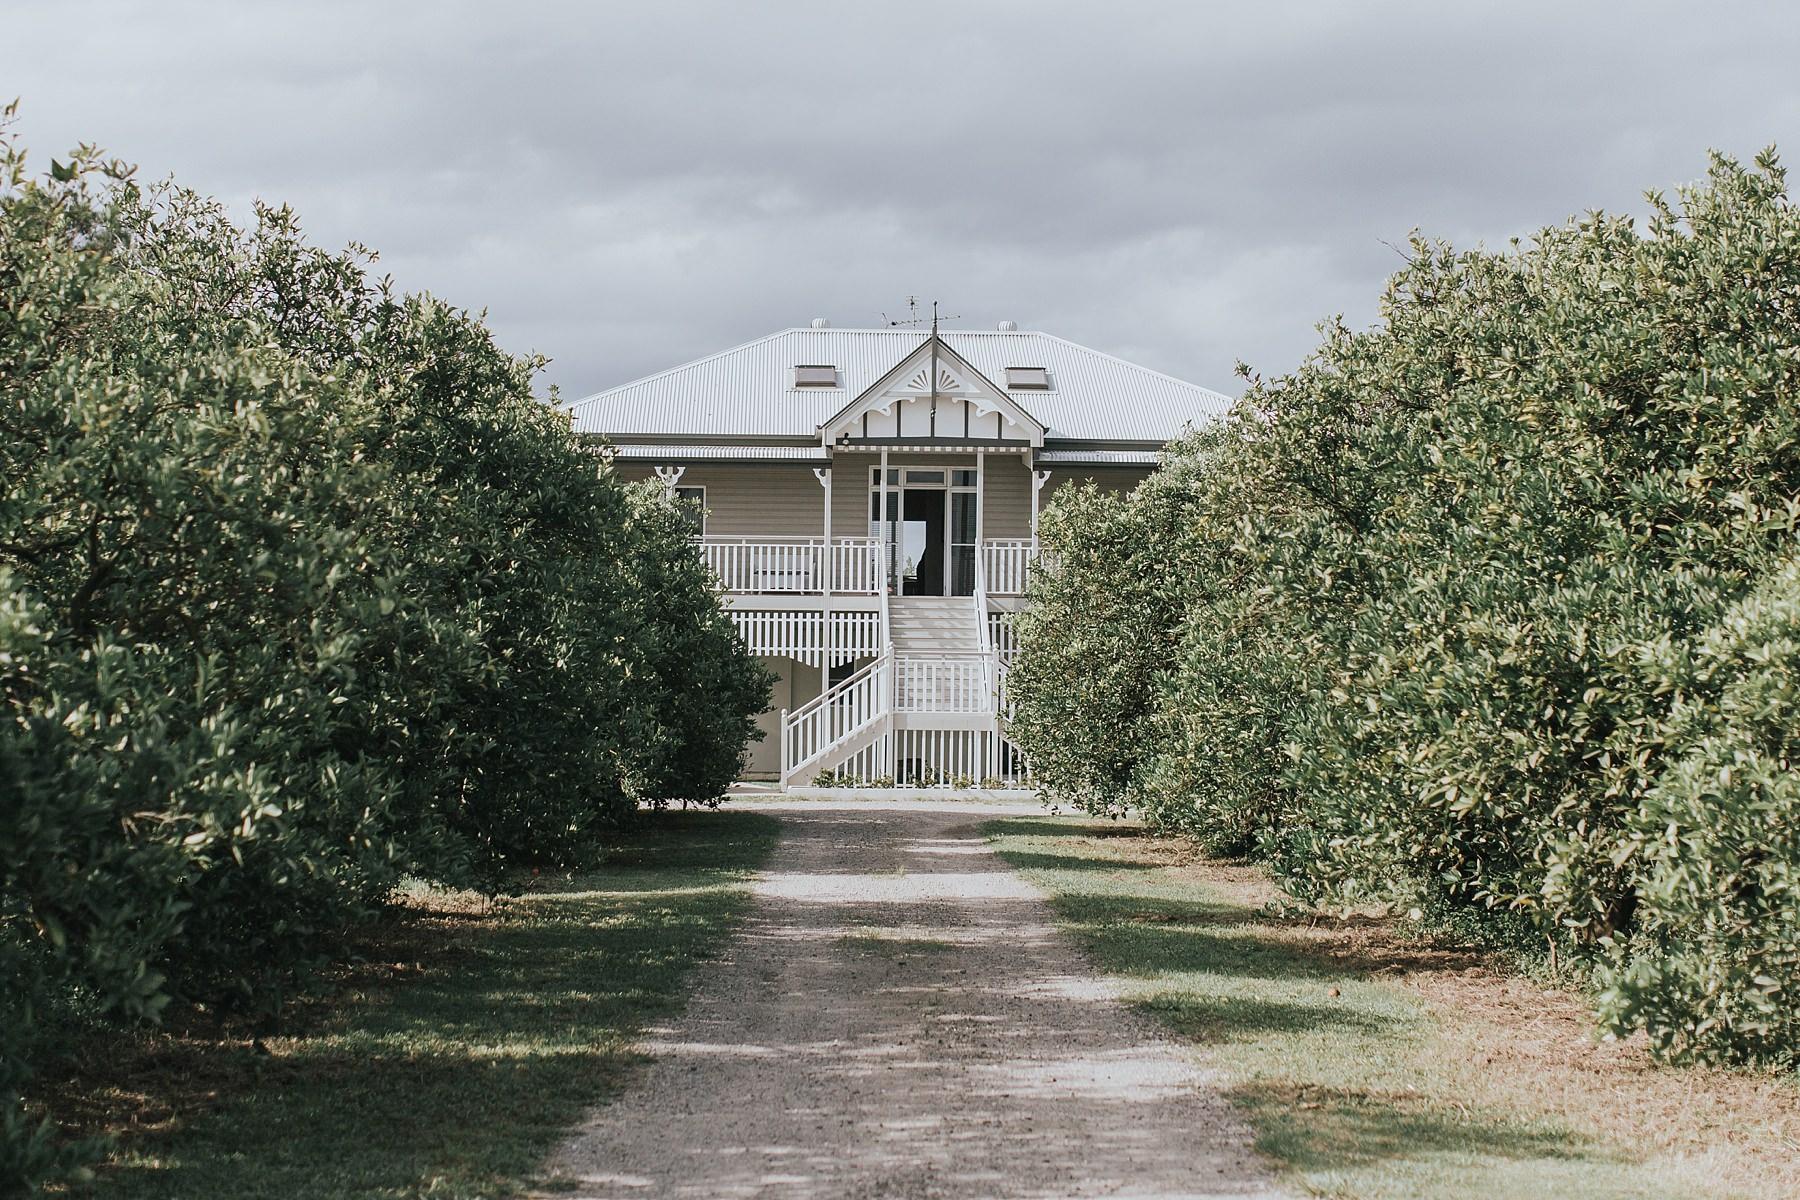 cornwallis house driveway